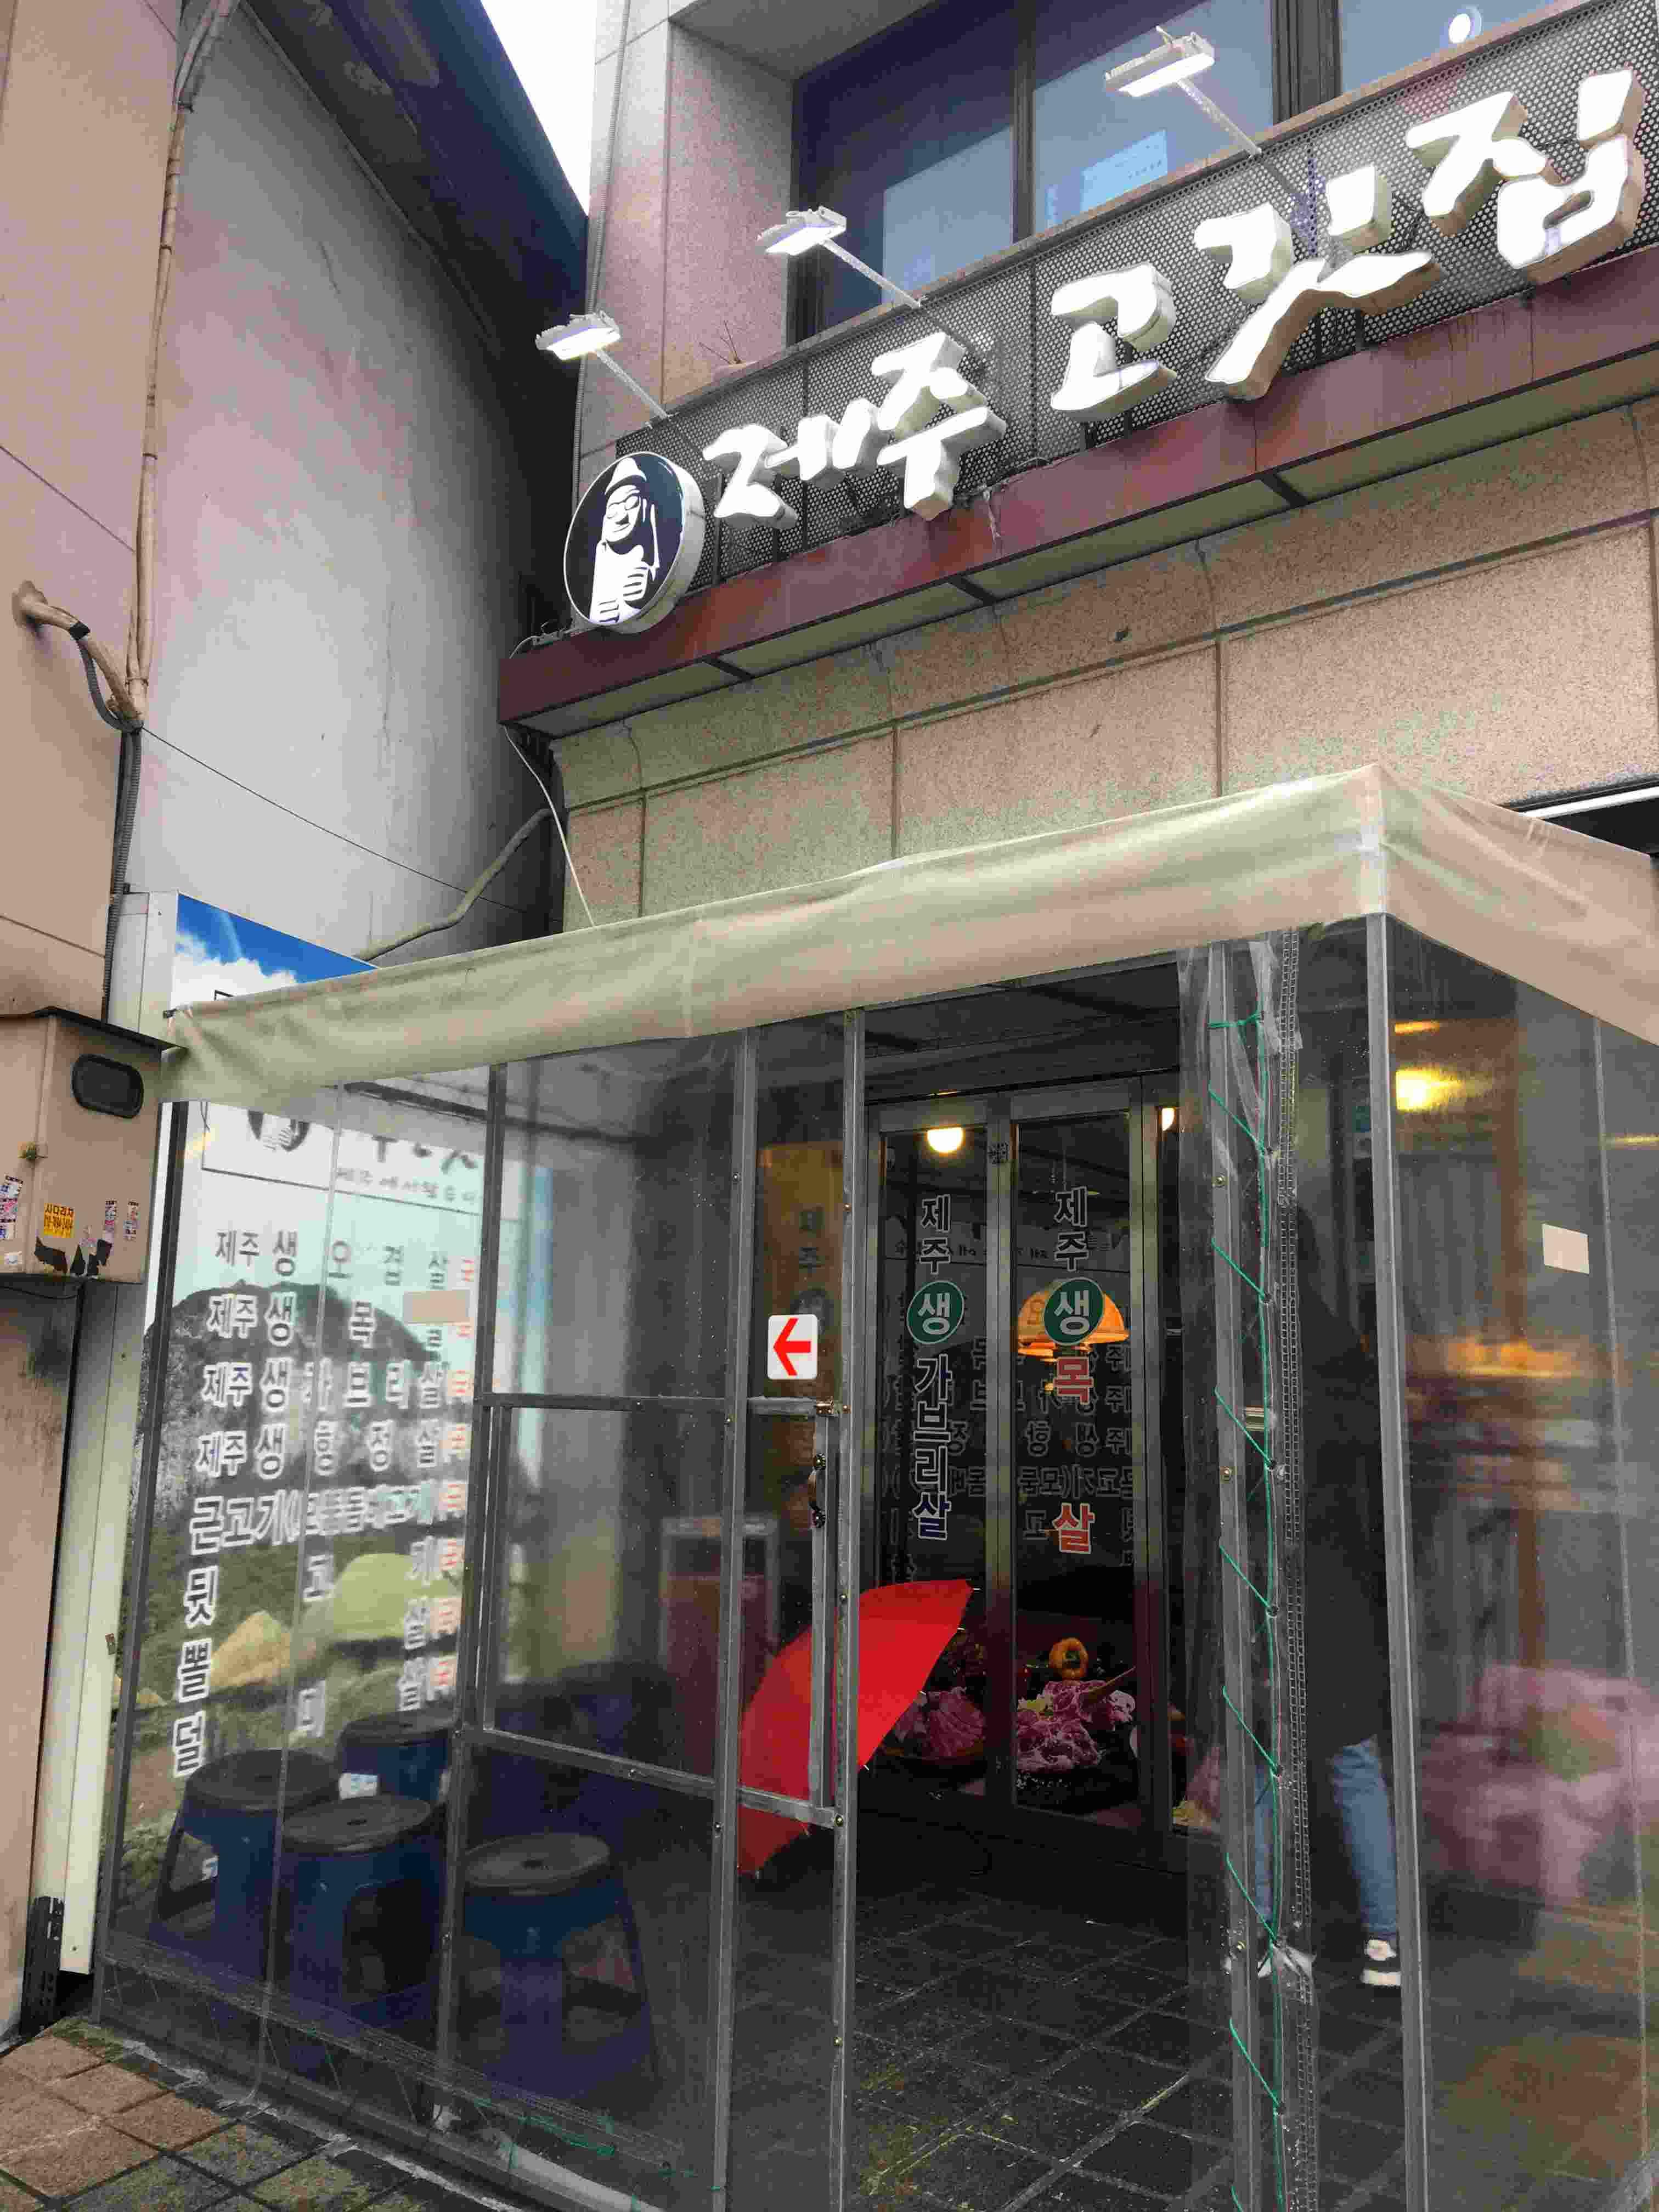 濟州島的豬肉在韓國非常有名,有機會去的話一定要品嘗一次!但是時間不夠只定下了首爾行程怎麼辦,小編這就推薦一家「濟州豬肉店」(제주고깃집).